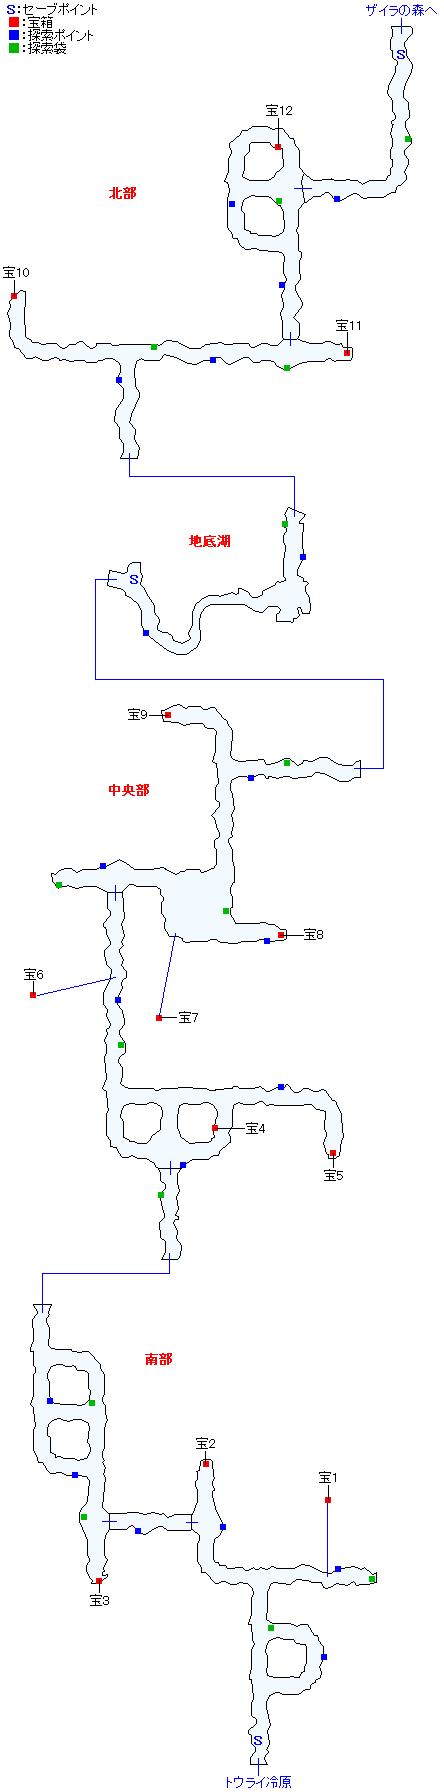 マップ画像・ククル凍窟(ジュード編)